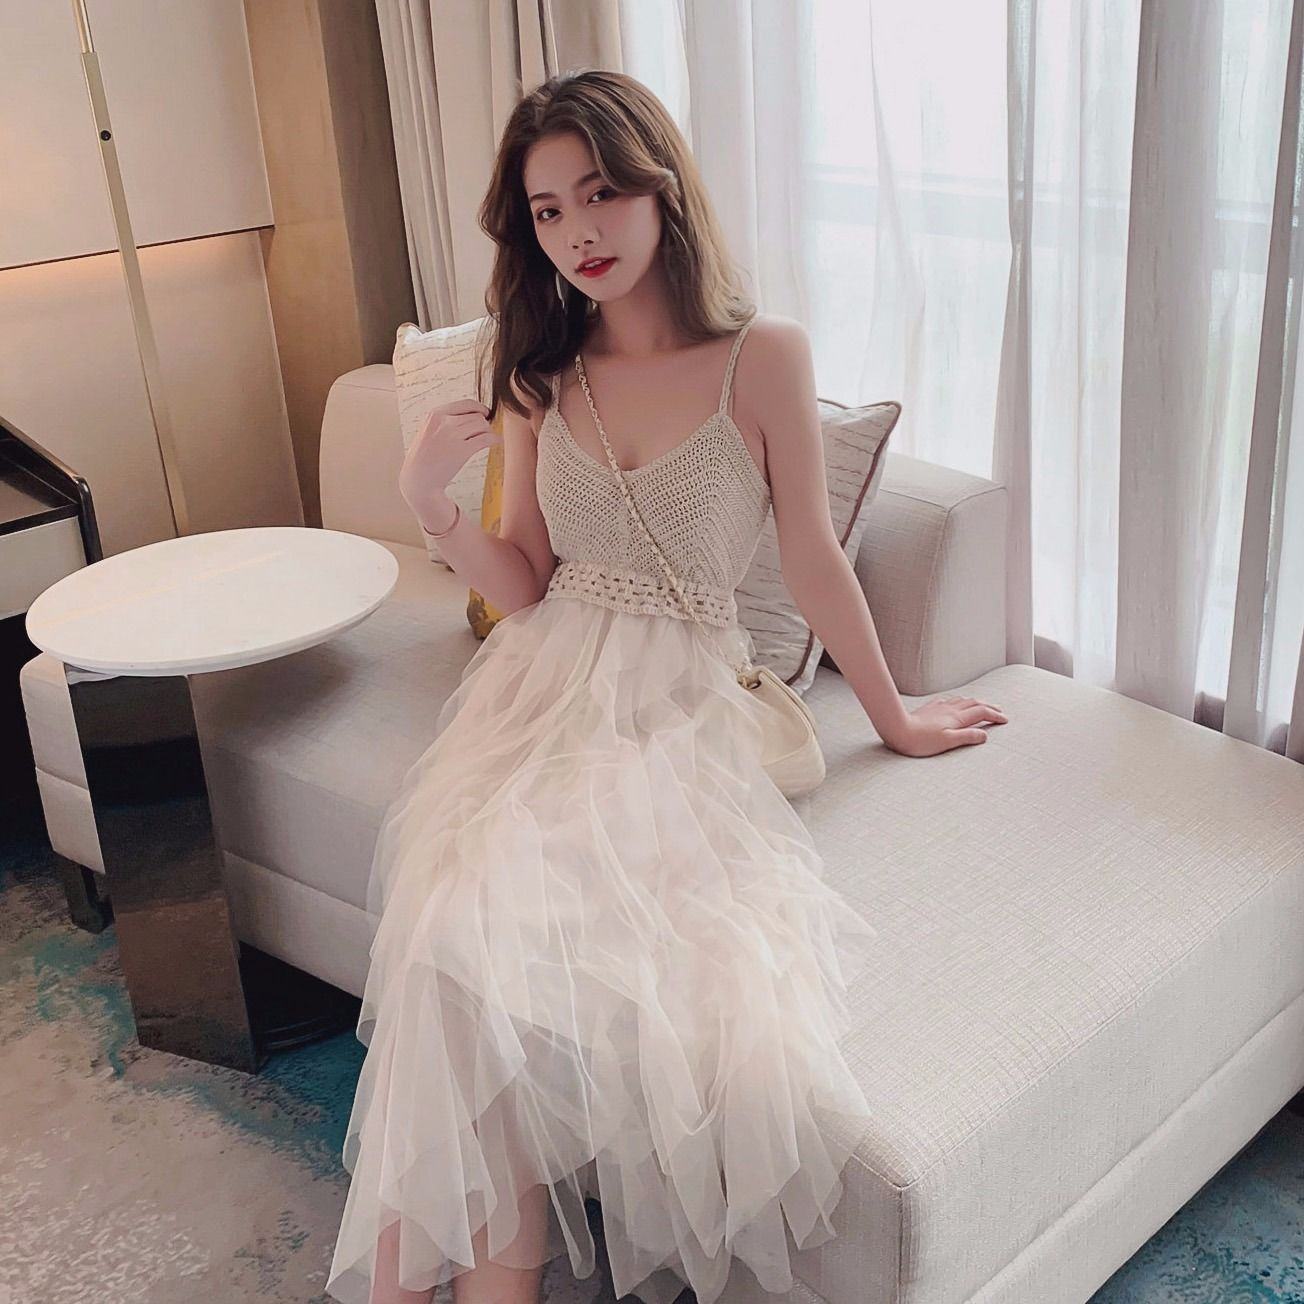 白色吊带连衣裙 裙子仙女超仙森系2020夏新款V领纱裙网纱吊带连衣裙女层层蛋糕裙_推荐淘宝好看的白色吊带连衣裙